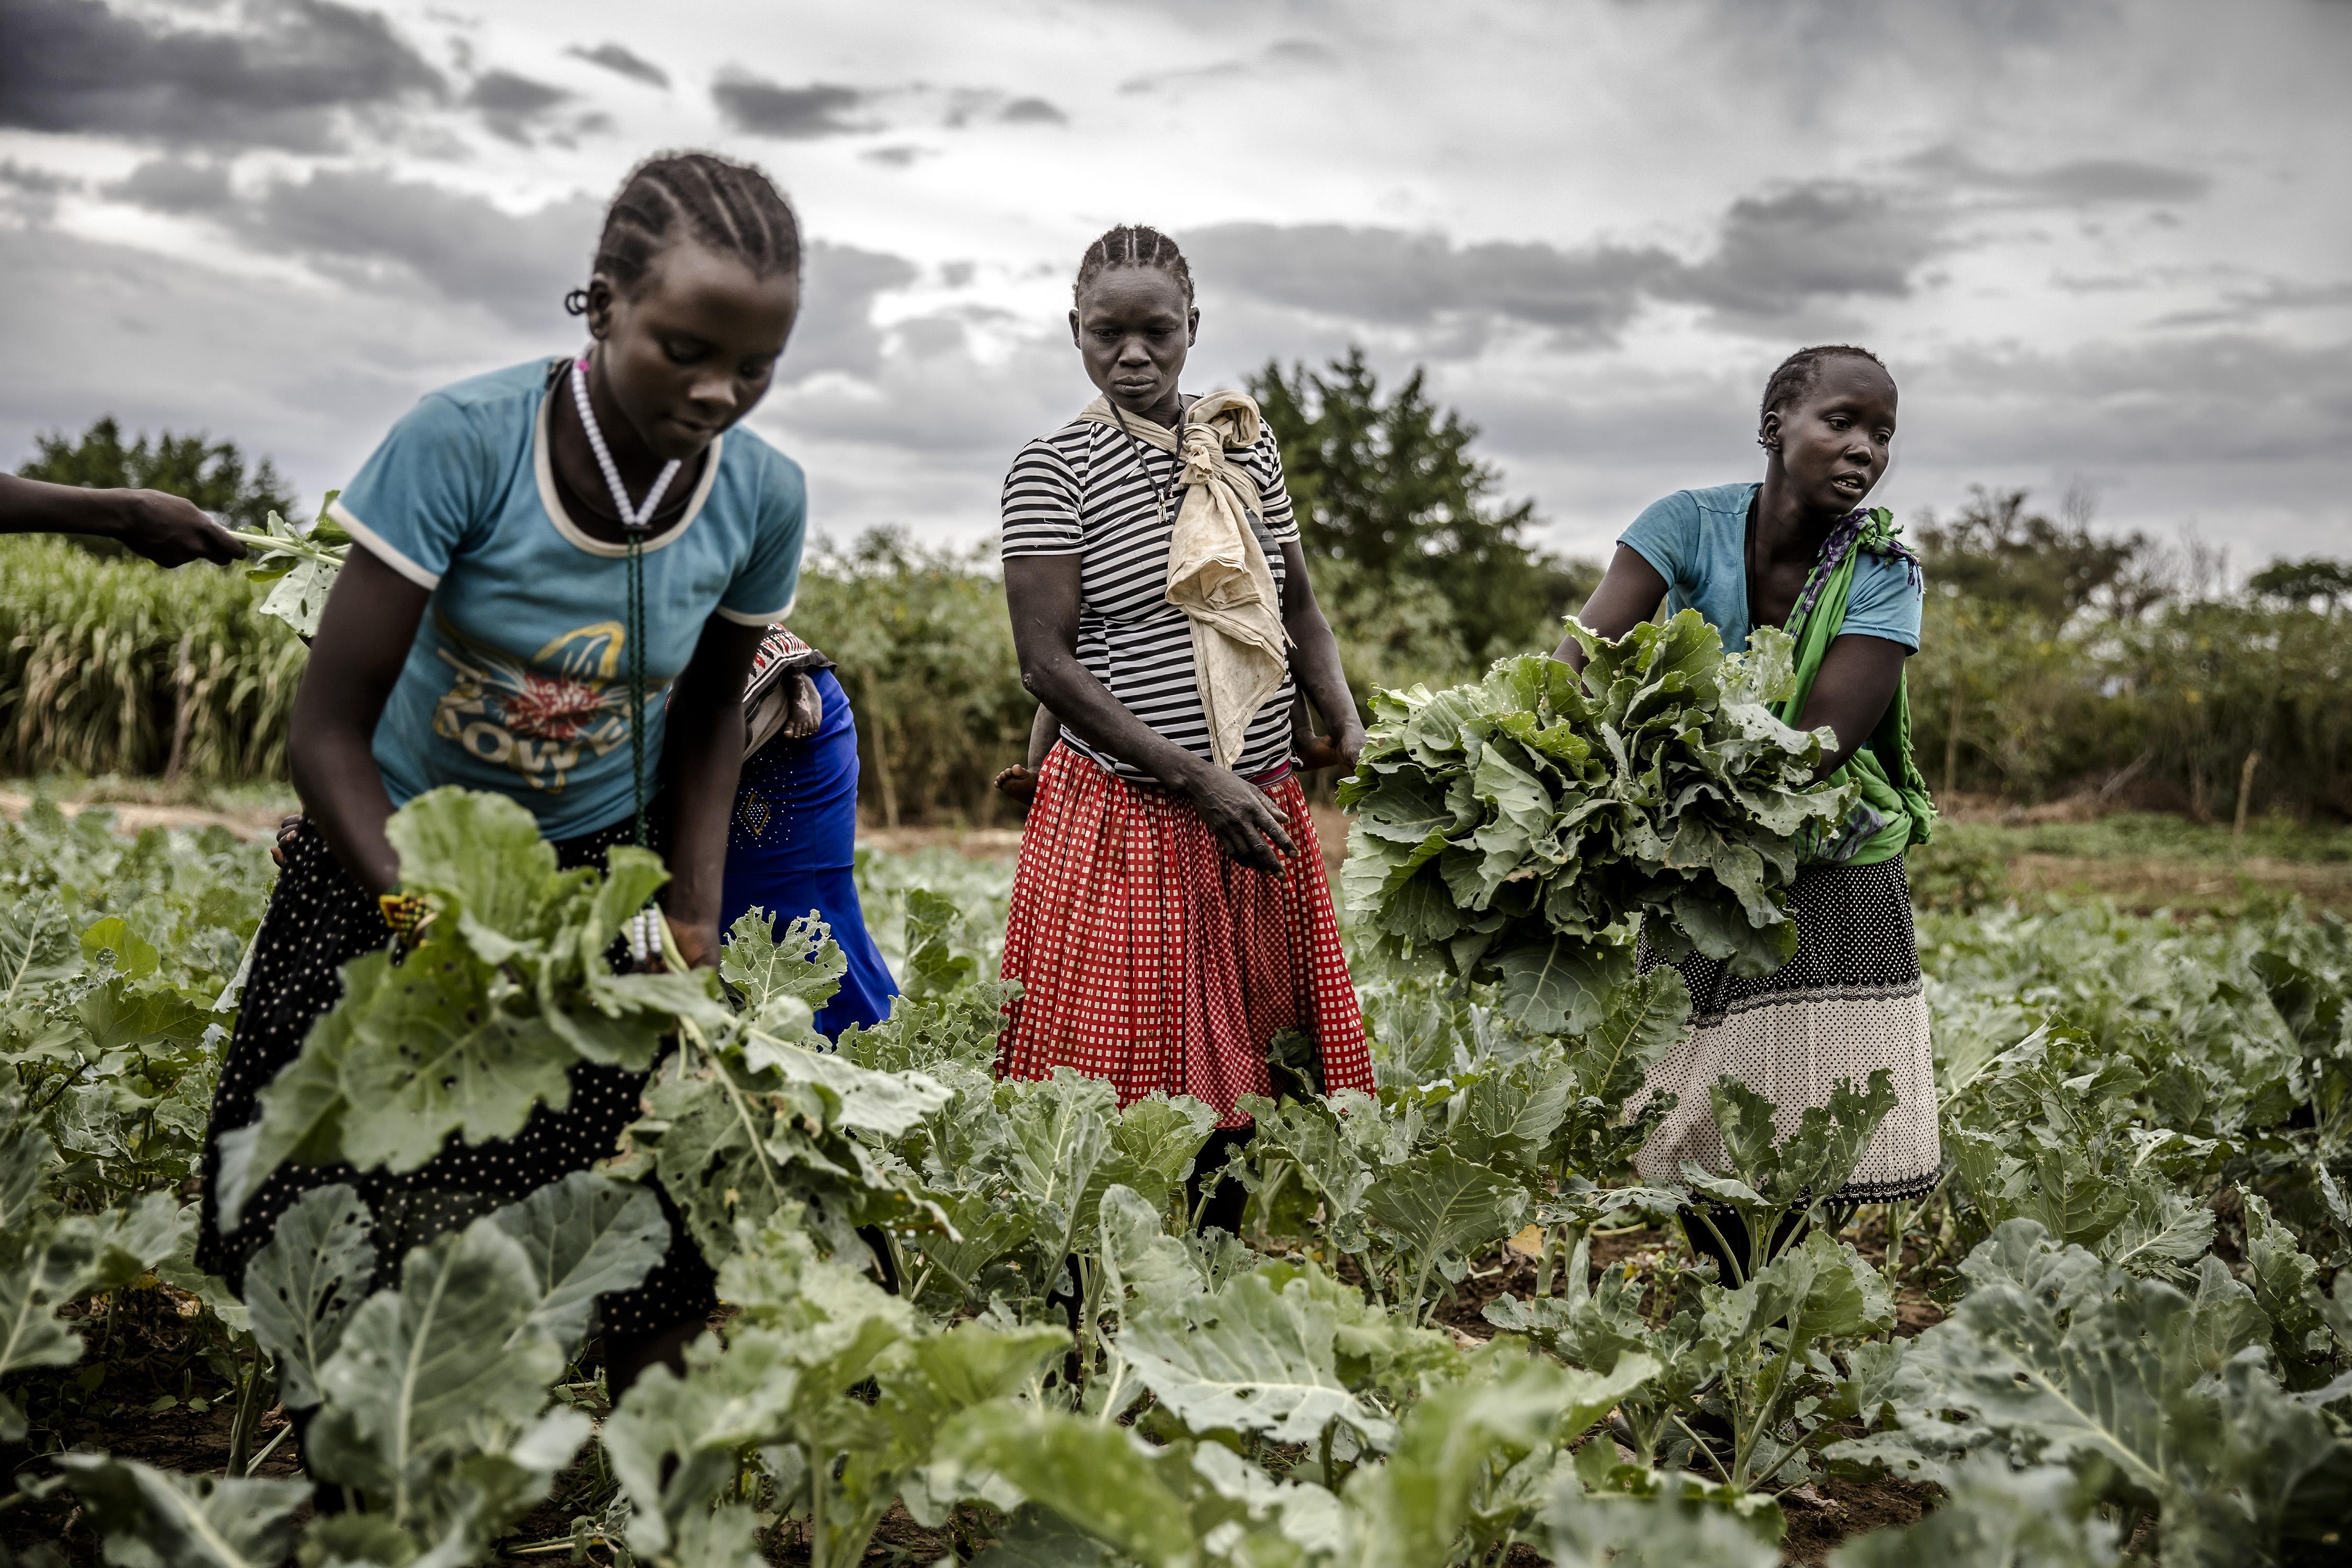 Ahogy pusztul tovább a természet, úgy nőhet a nők elleni erőszak mértéke is a világban